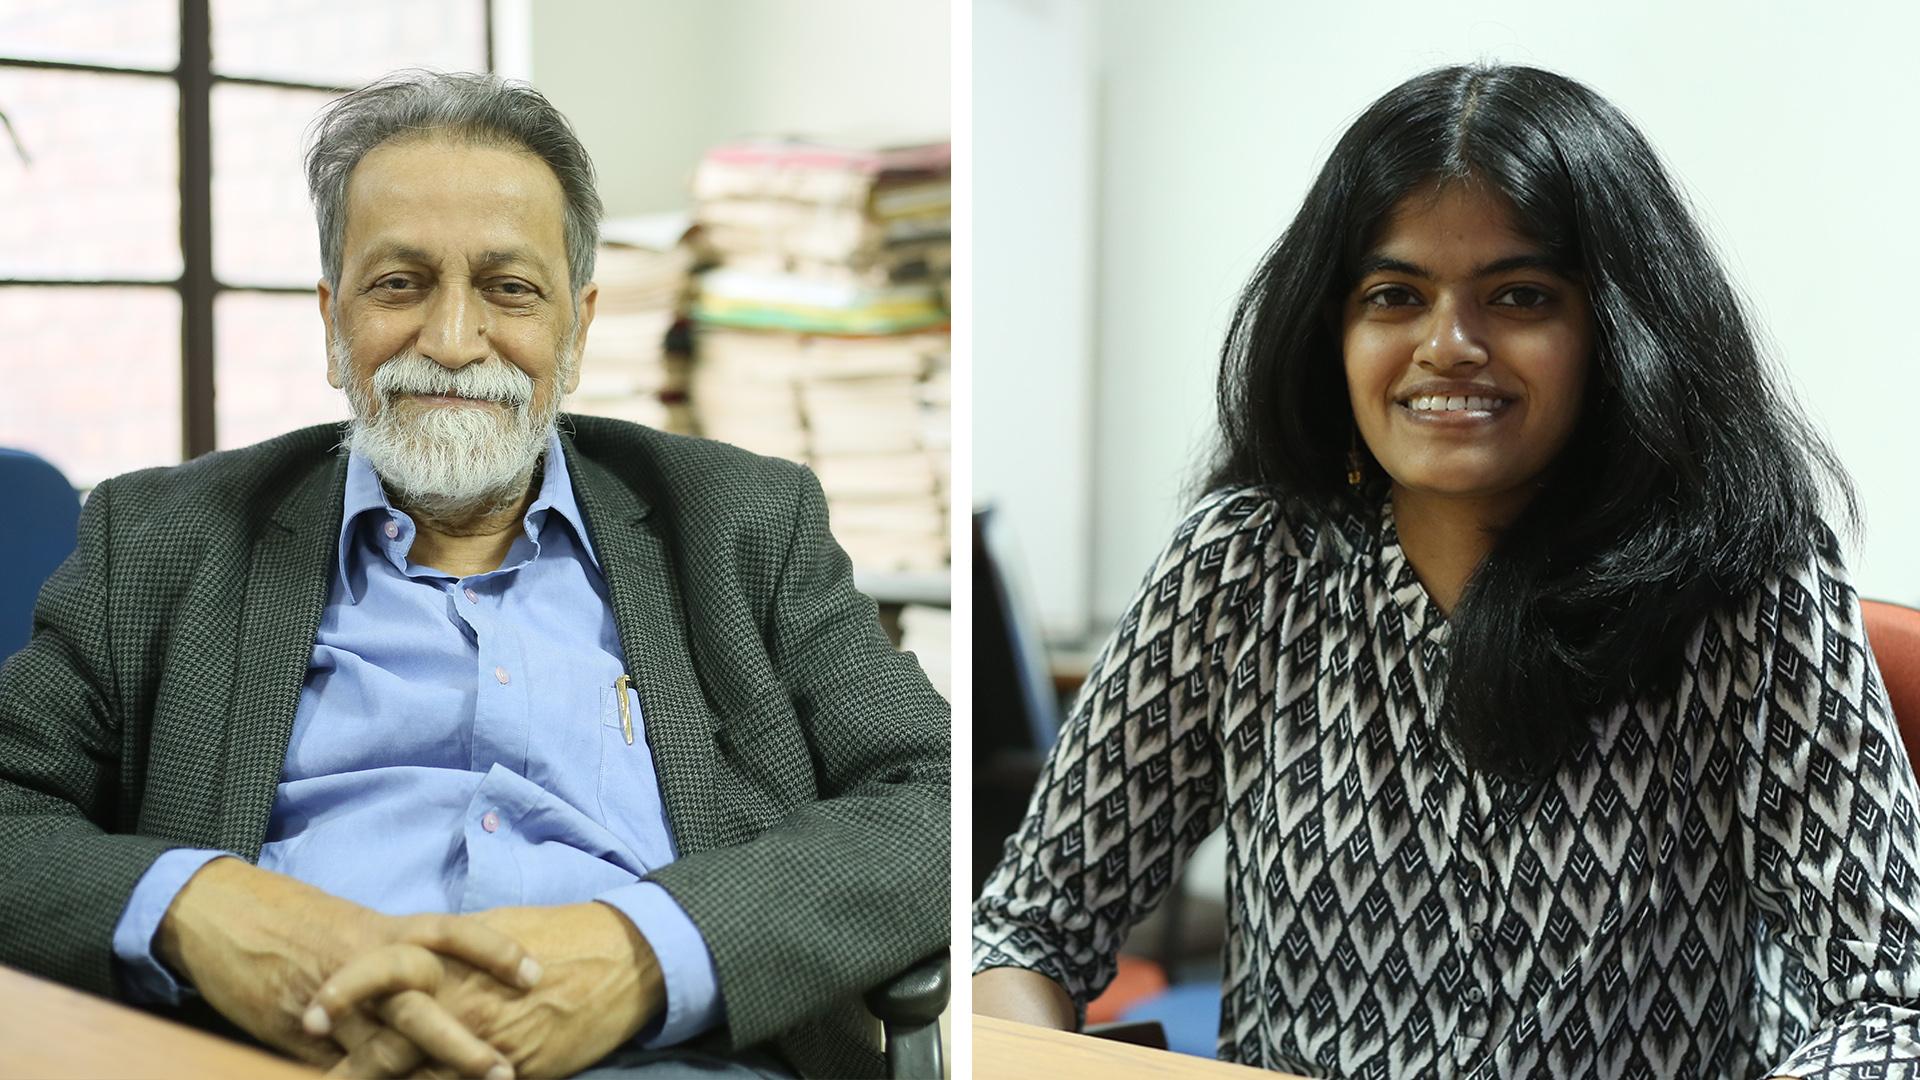 Demonetisation Broke the Informal Economy, Had No Positive Impact: Prabhat Patnaik